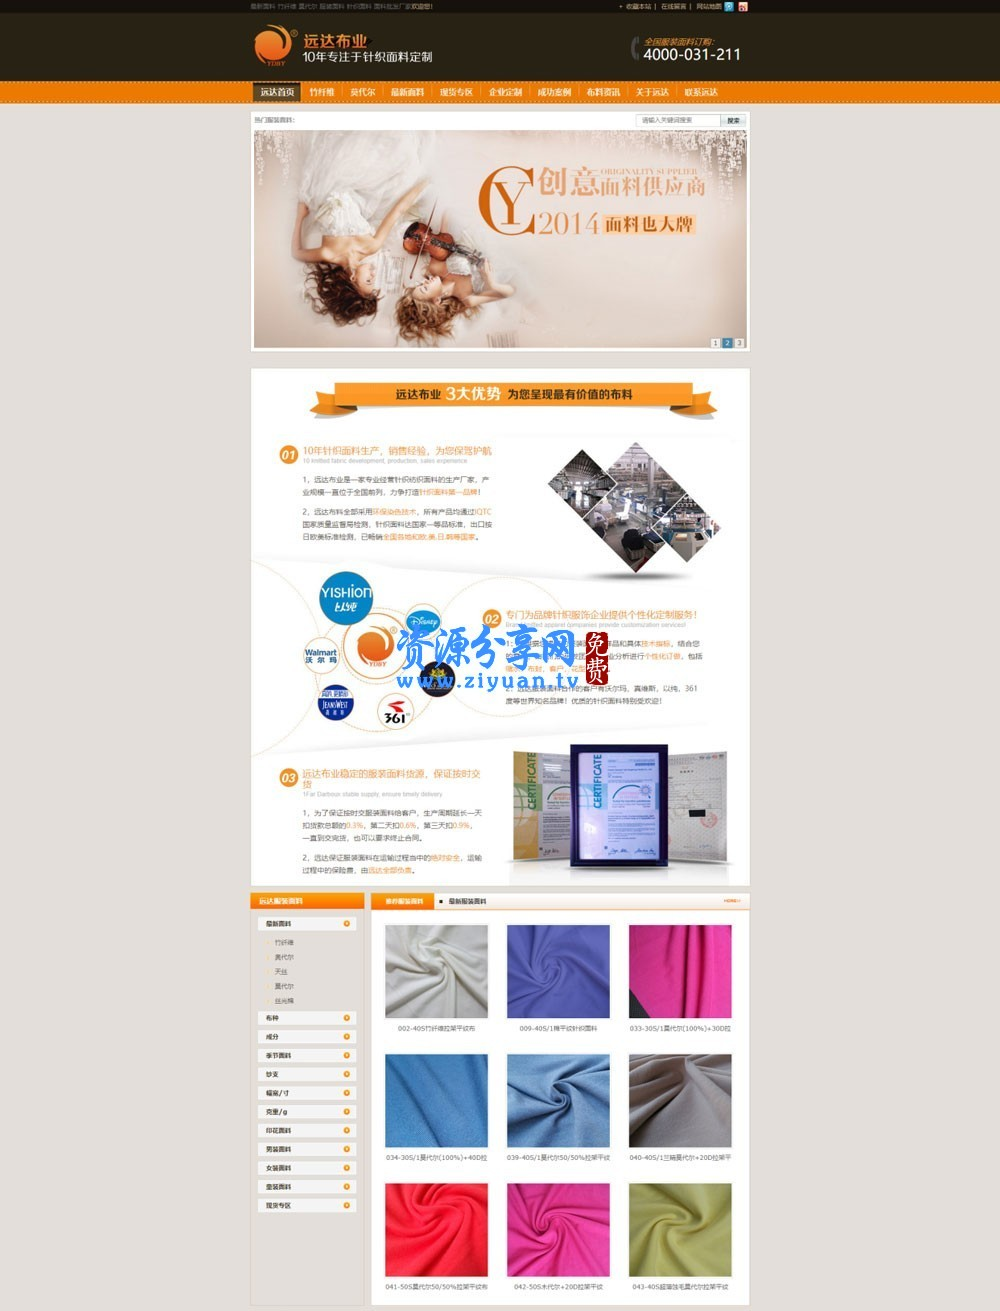 橙色的女装批发服装网站模板 html 整站下载+女装批发网站